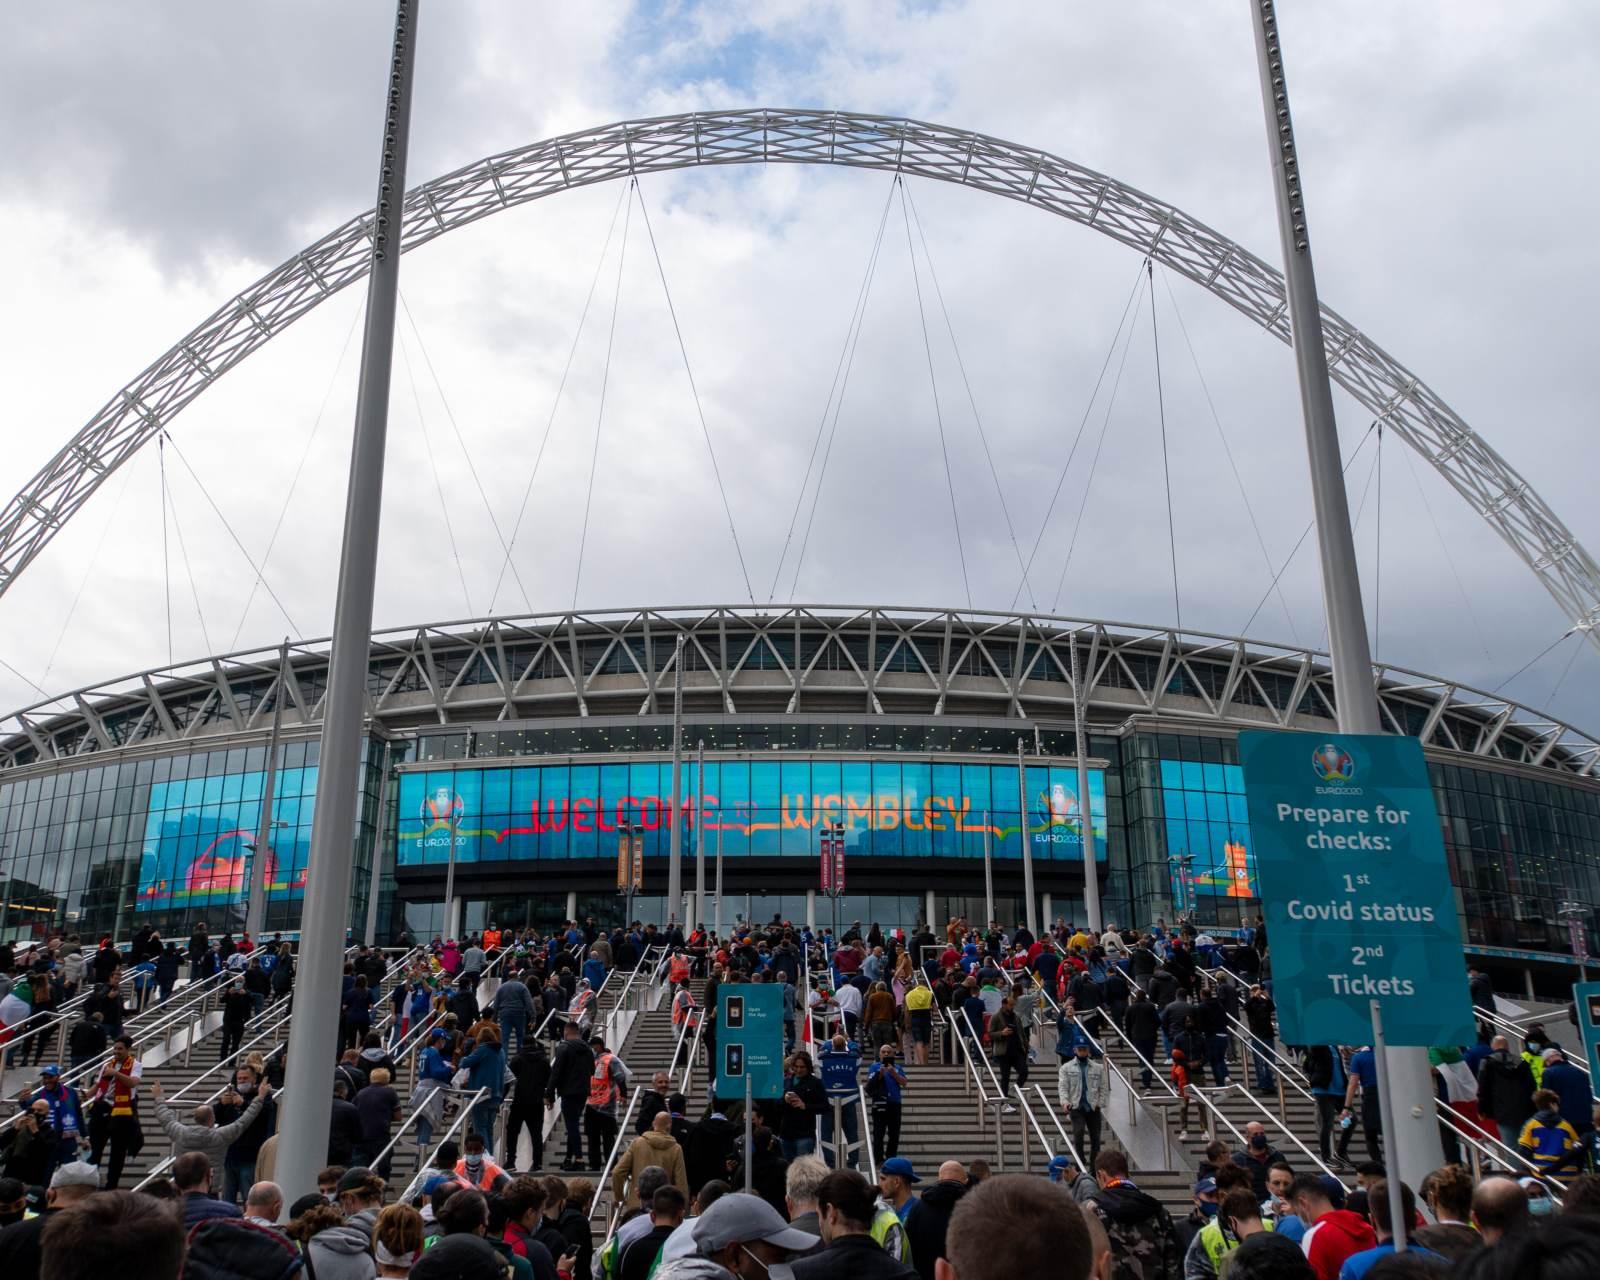 УЕФА намерен дисквалифицировать «Уэмбли» за потасовки на матчах сборных